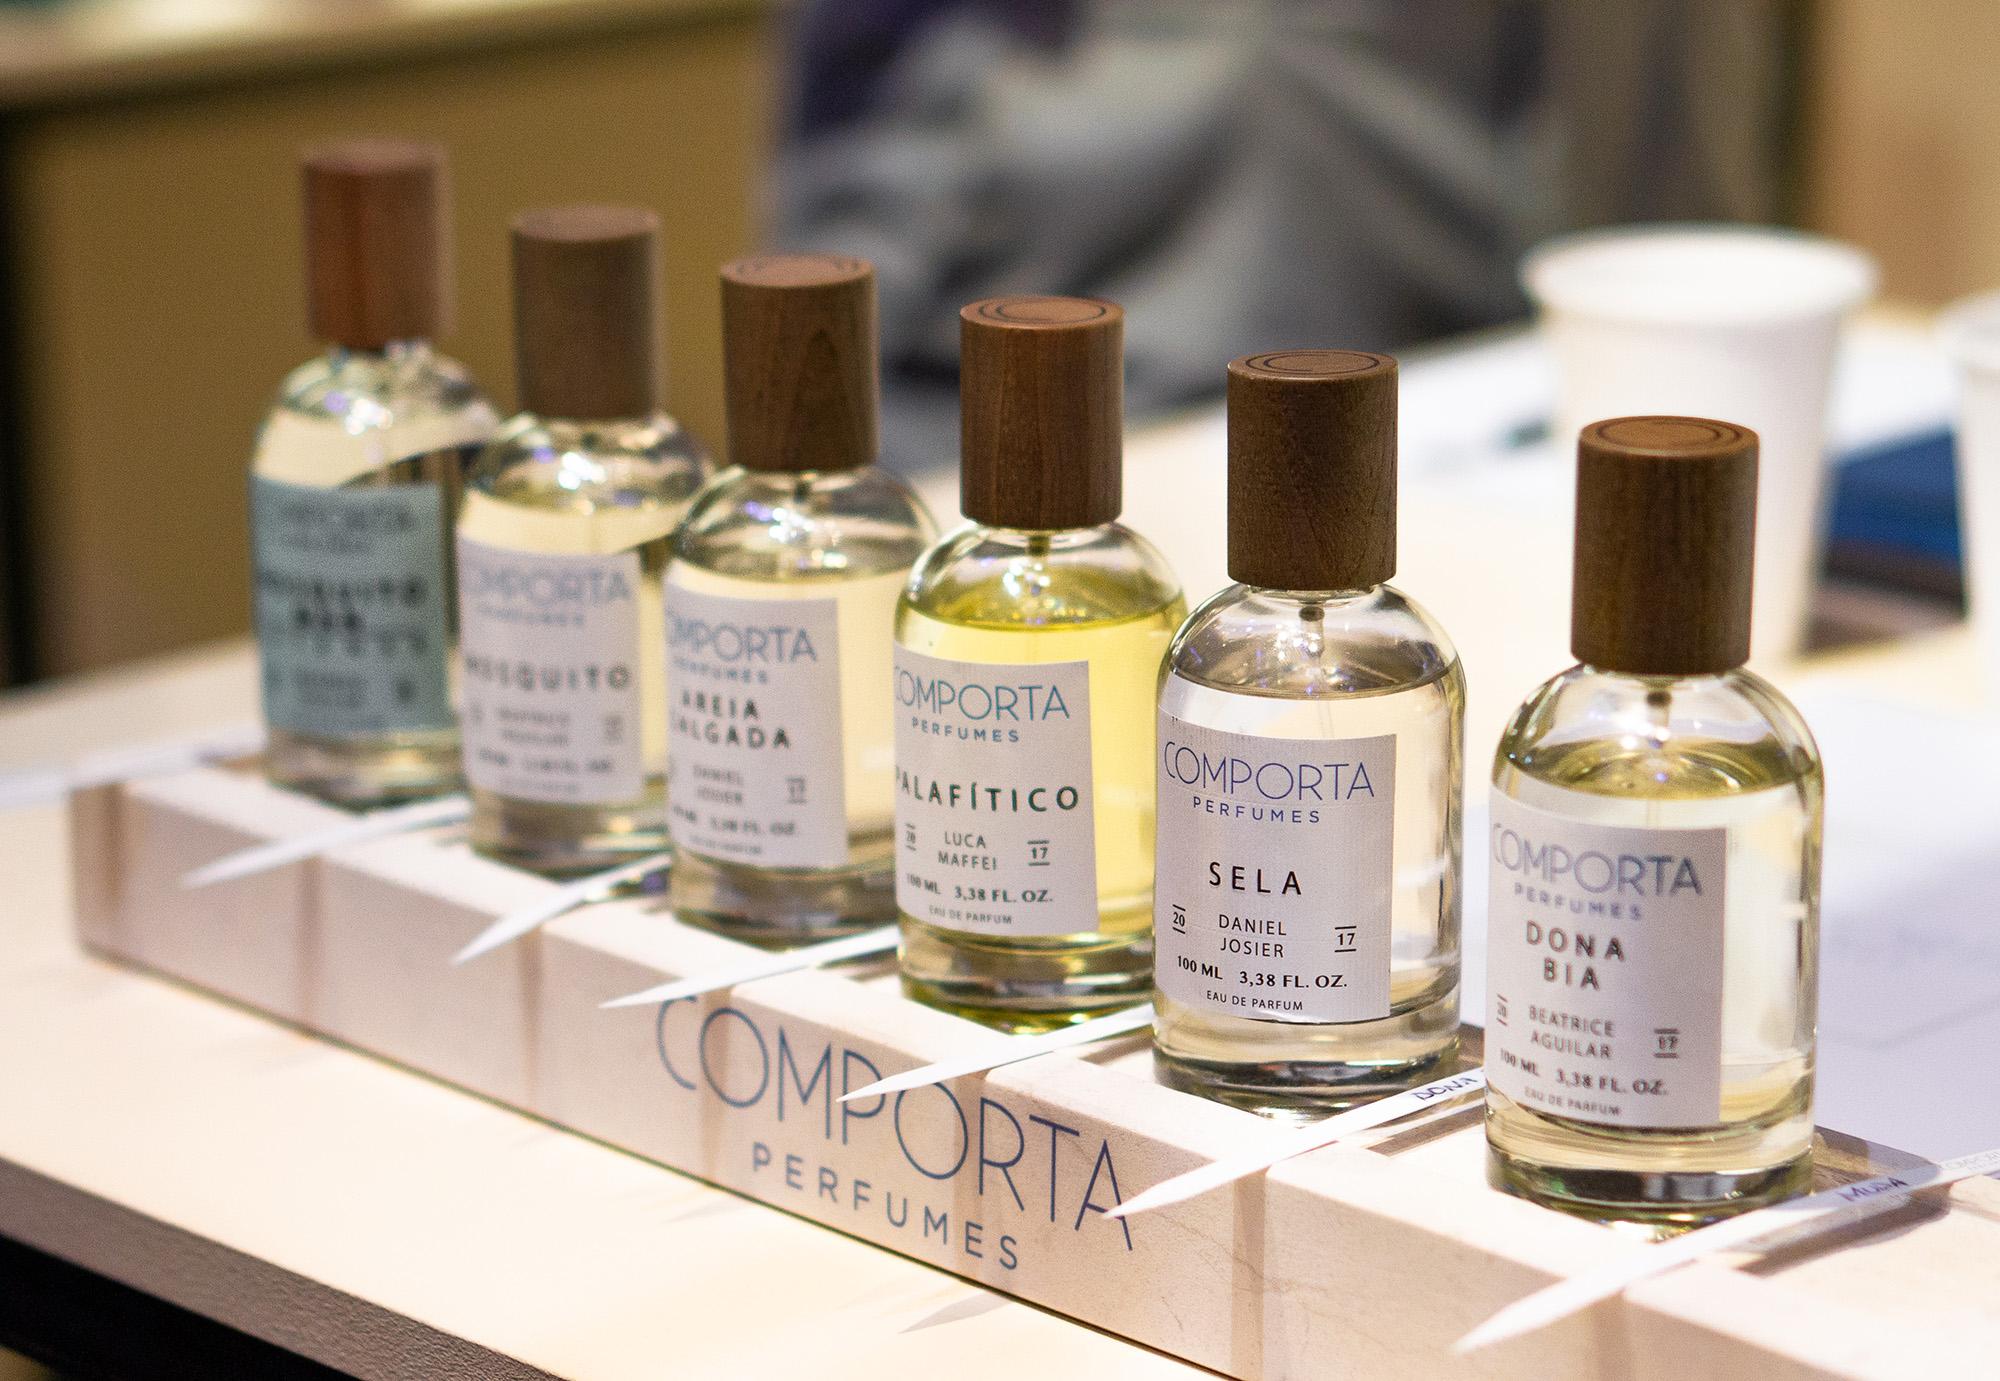 Comporta Pitti Fragranze niche perfume nischenparfüm нишевая парфюмерия